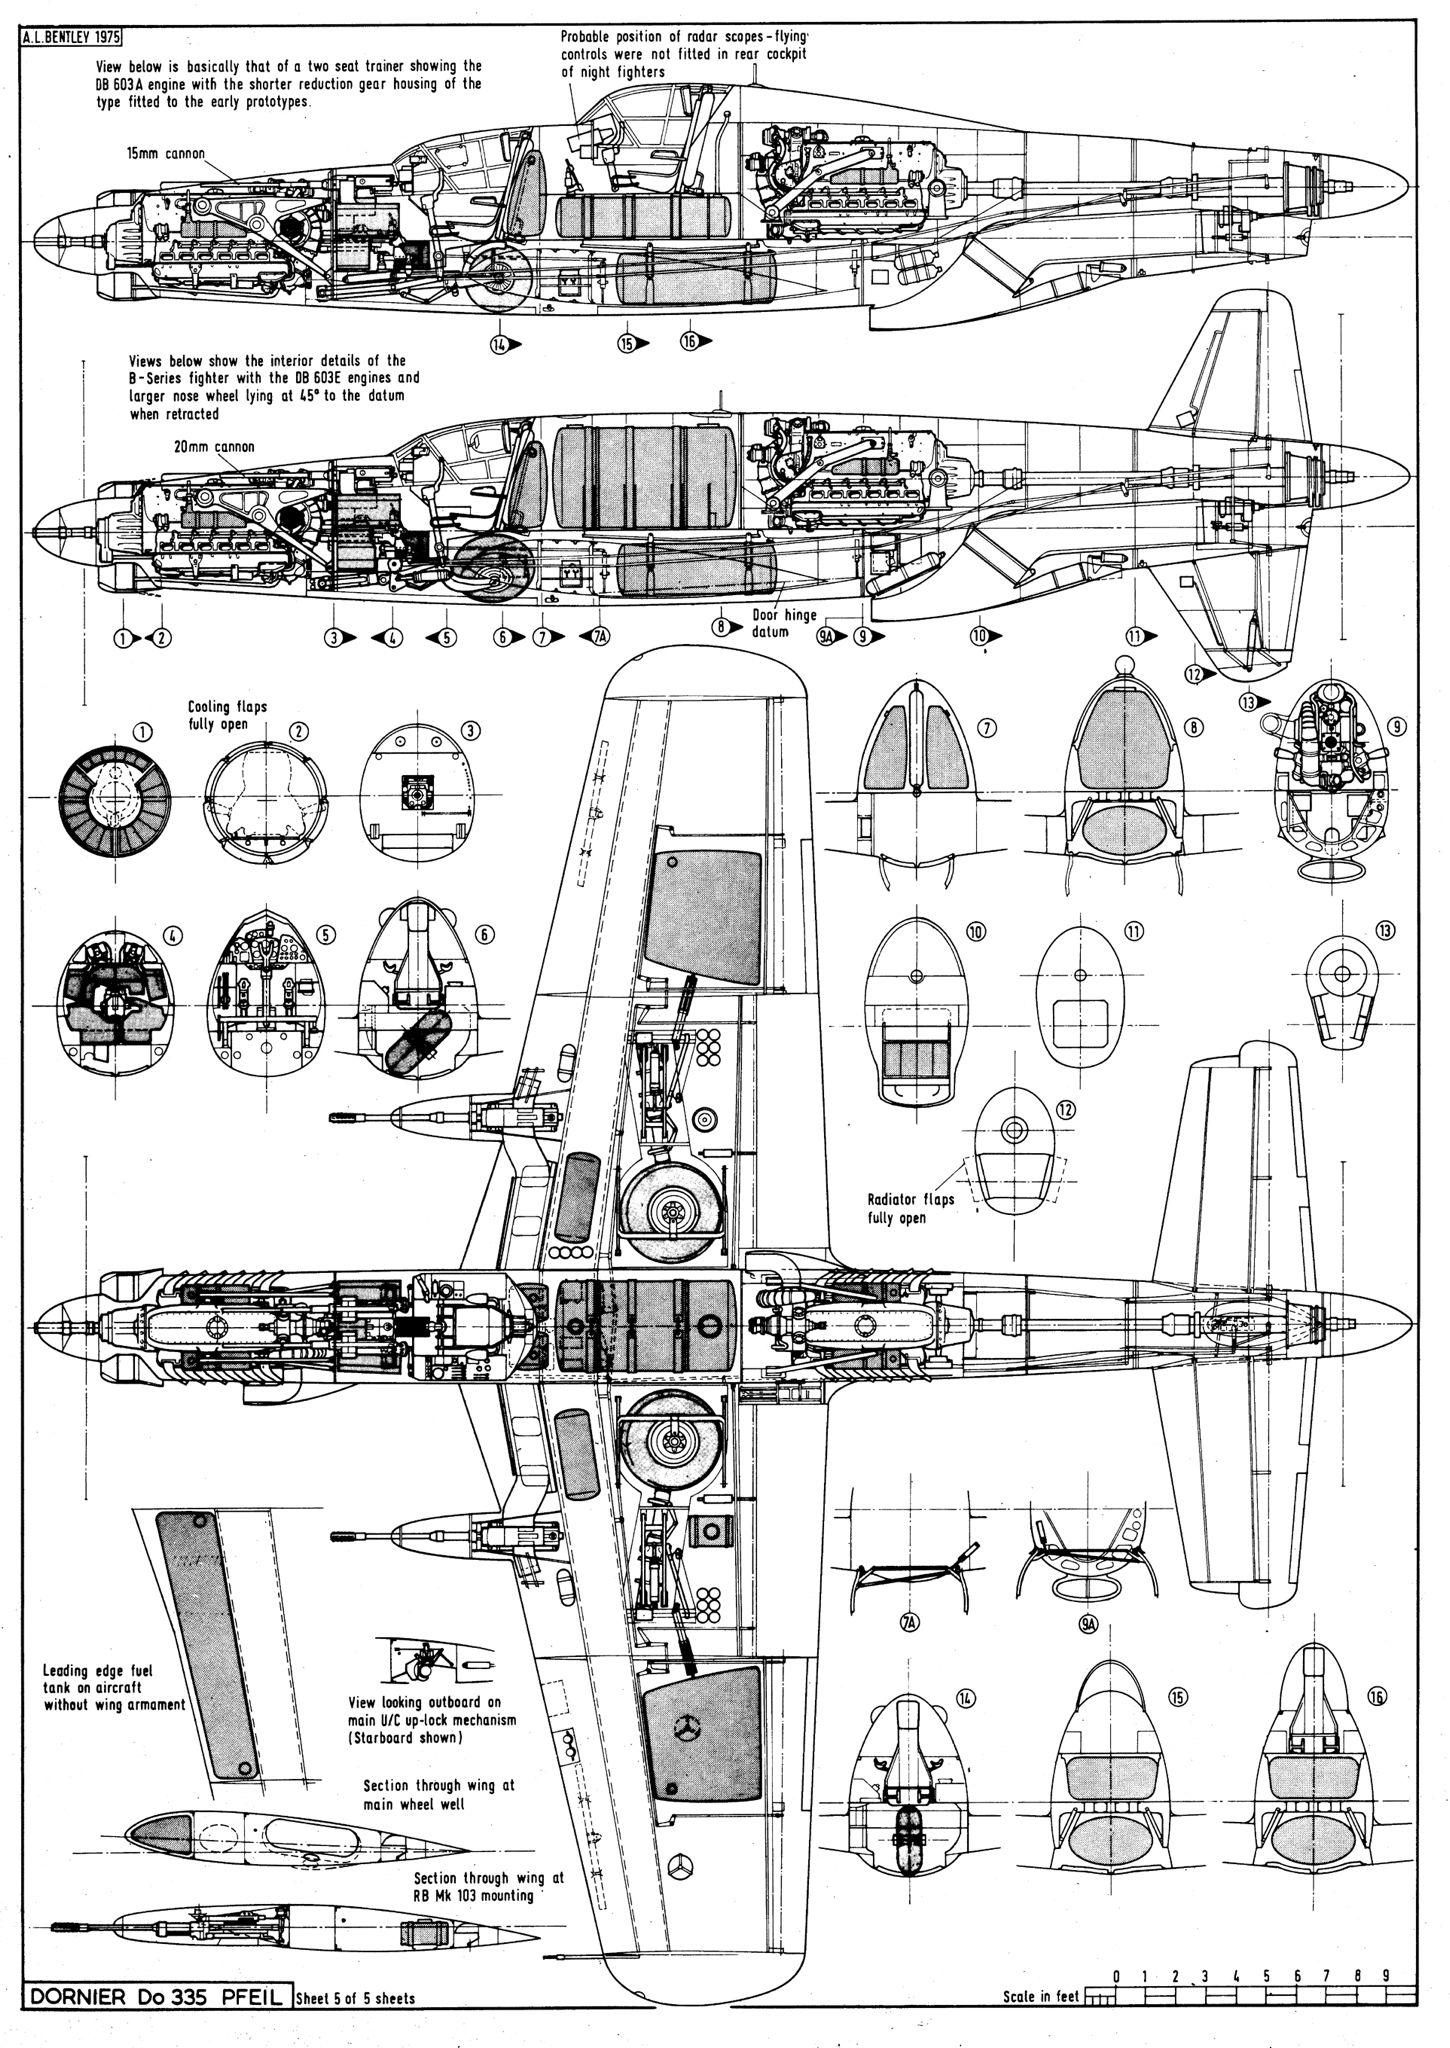 The Dornier Do 335 Pfeil Arrow Was A World War Ii